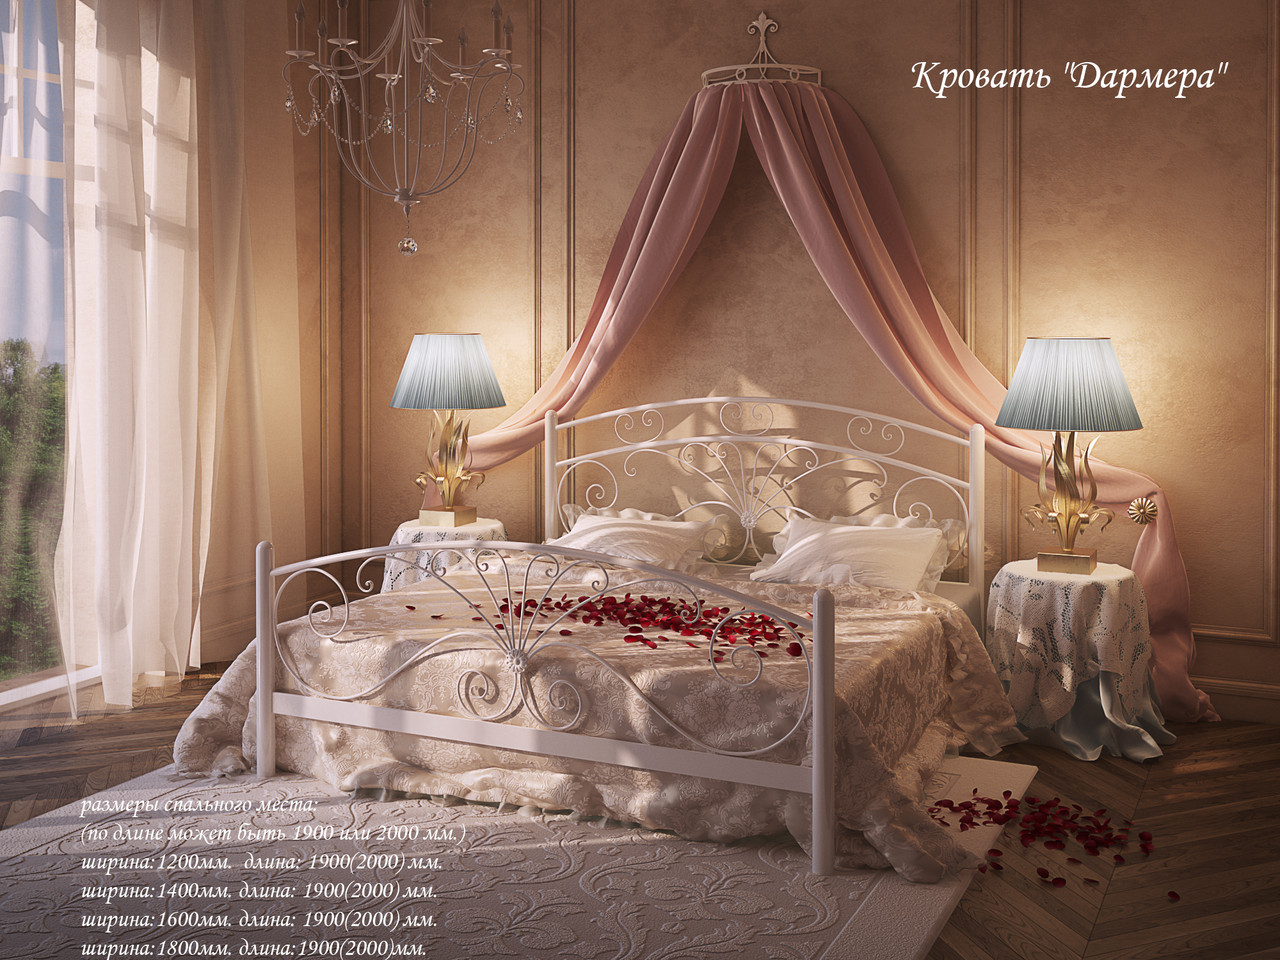 """Кровать """"Дармера"""" от фабрики Тенеро"""